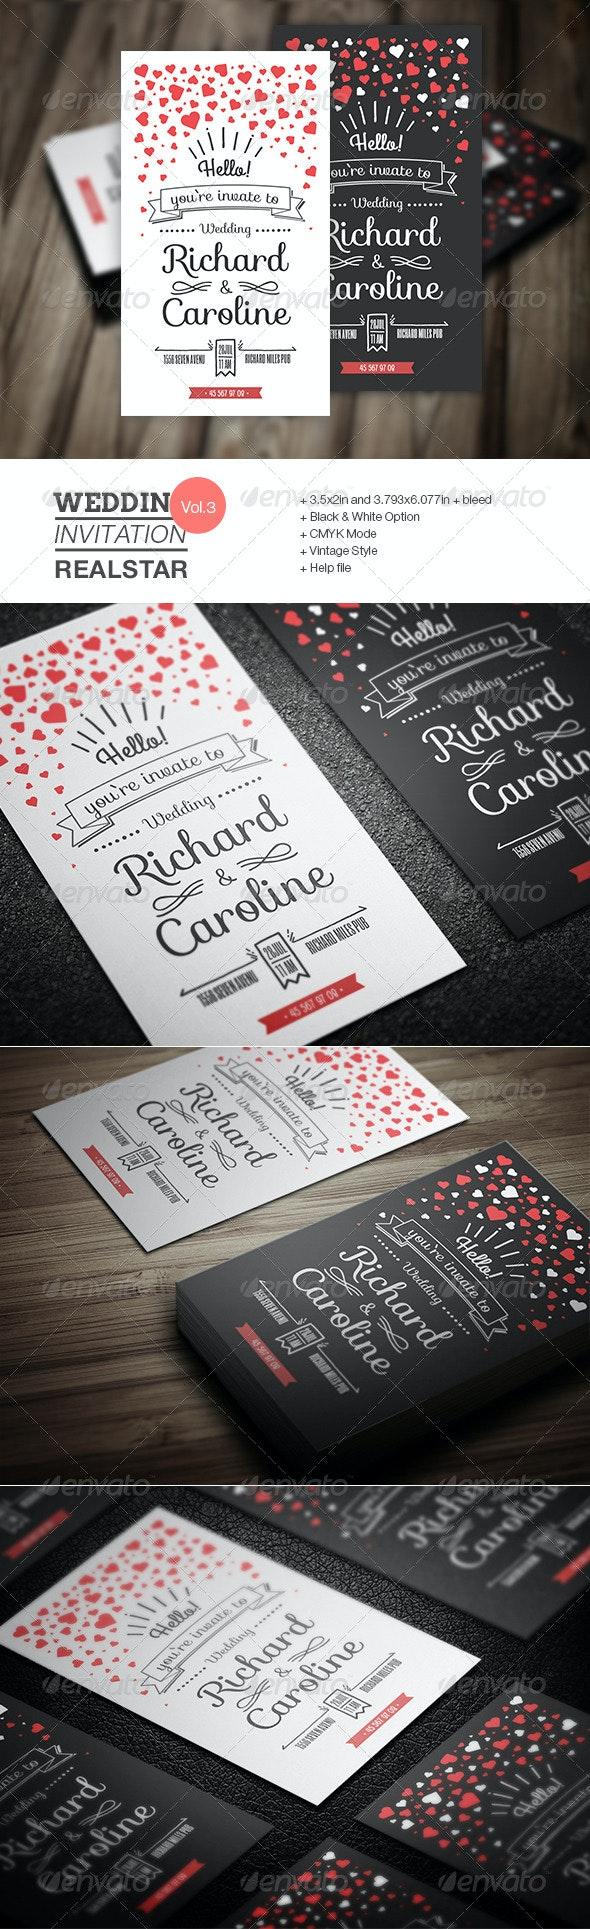 Wedding Invitation III - Invitations Cards & Invites